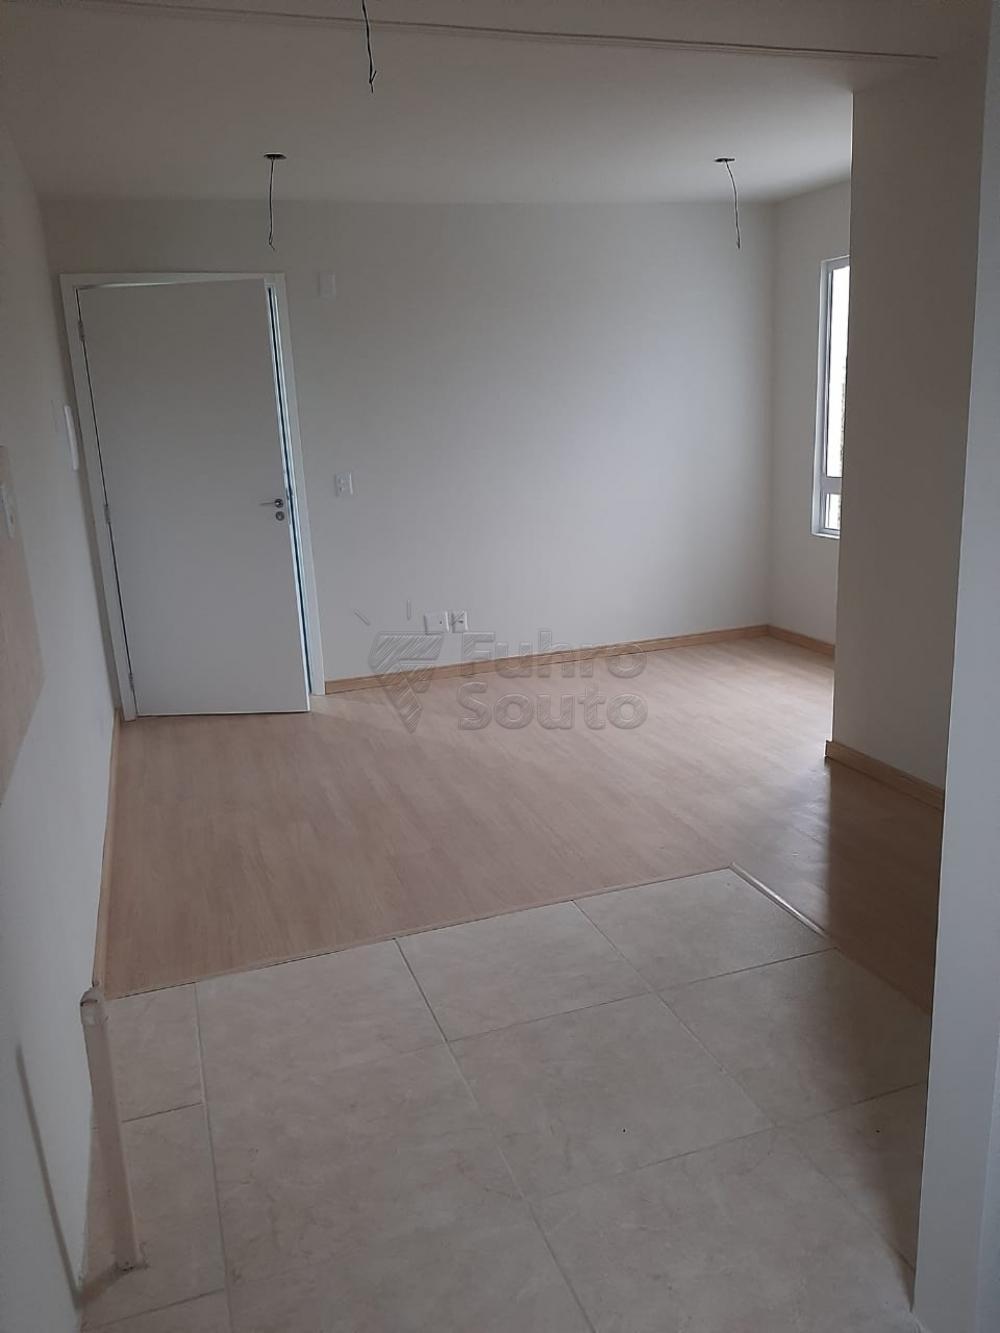 Comprar Apartamento / Padrão em Pelotas R$ 148.000,00 - Foto 8